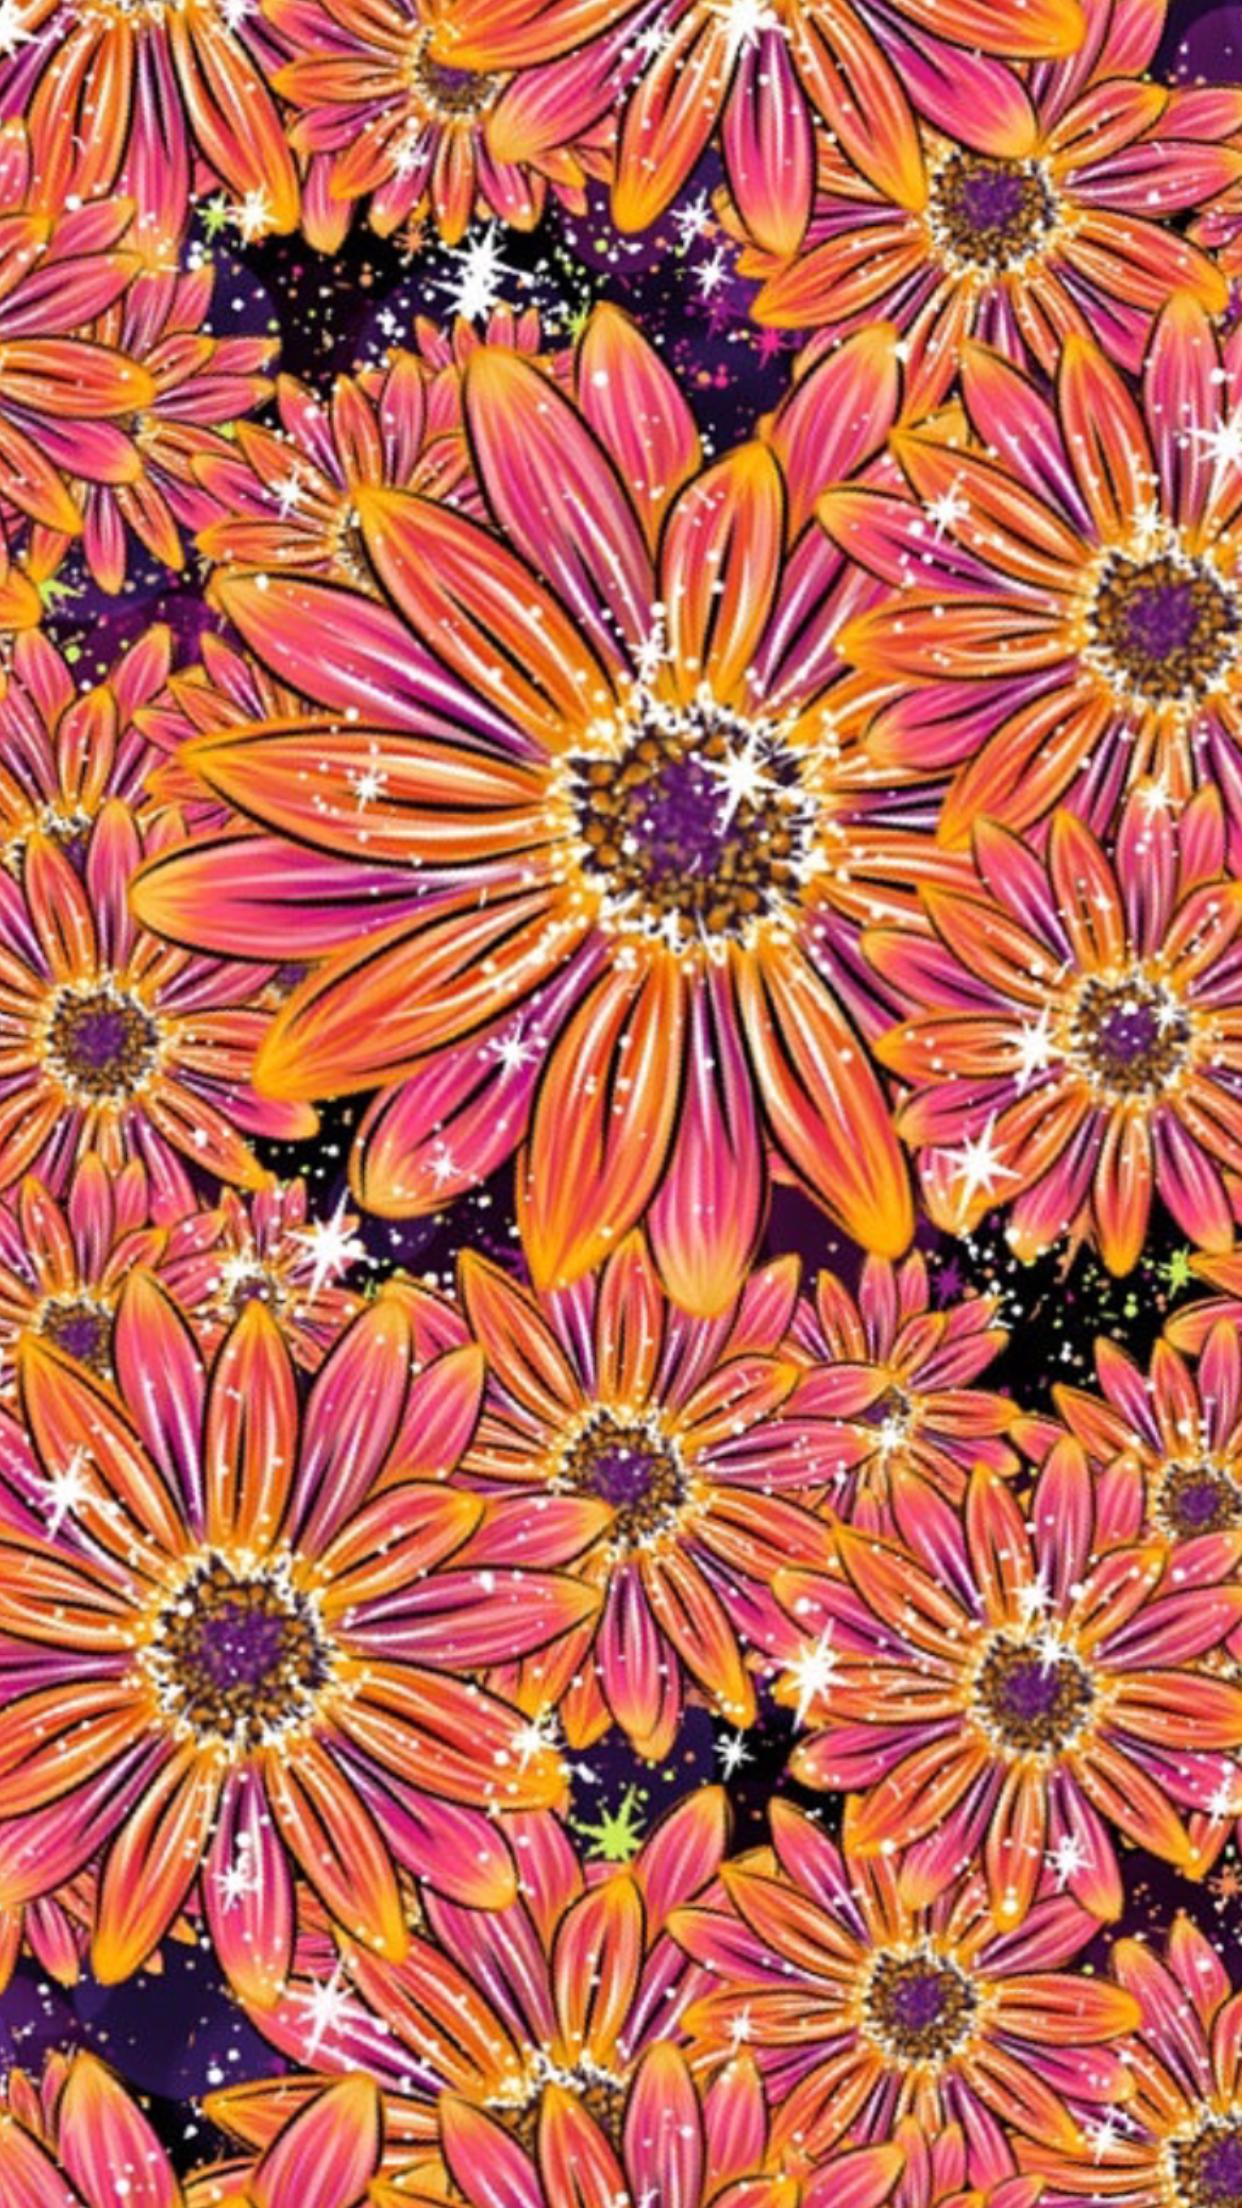 Pin by 𝓜𝓲𝔃𝓴𝓪𝔂𝓽 on ρ૨єττყ ρคττє૨ทઽ Flower iphone